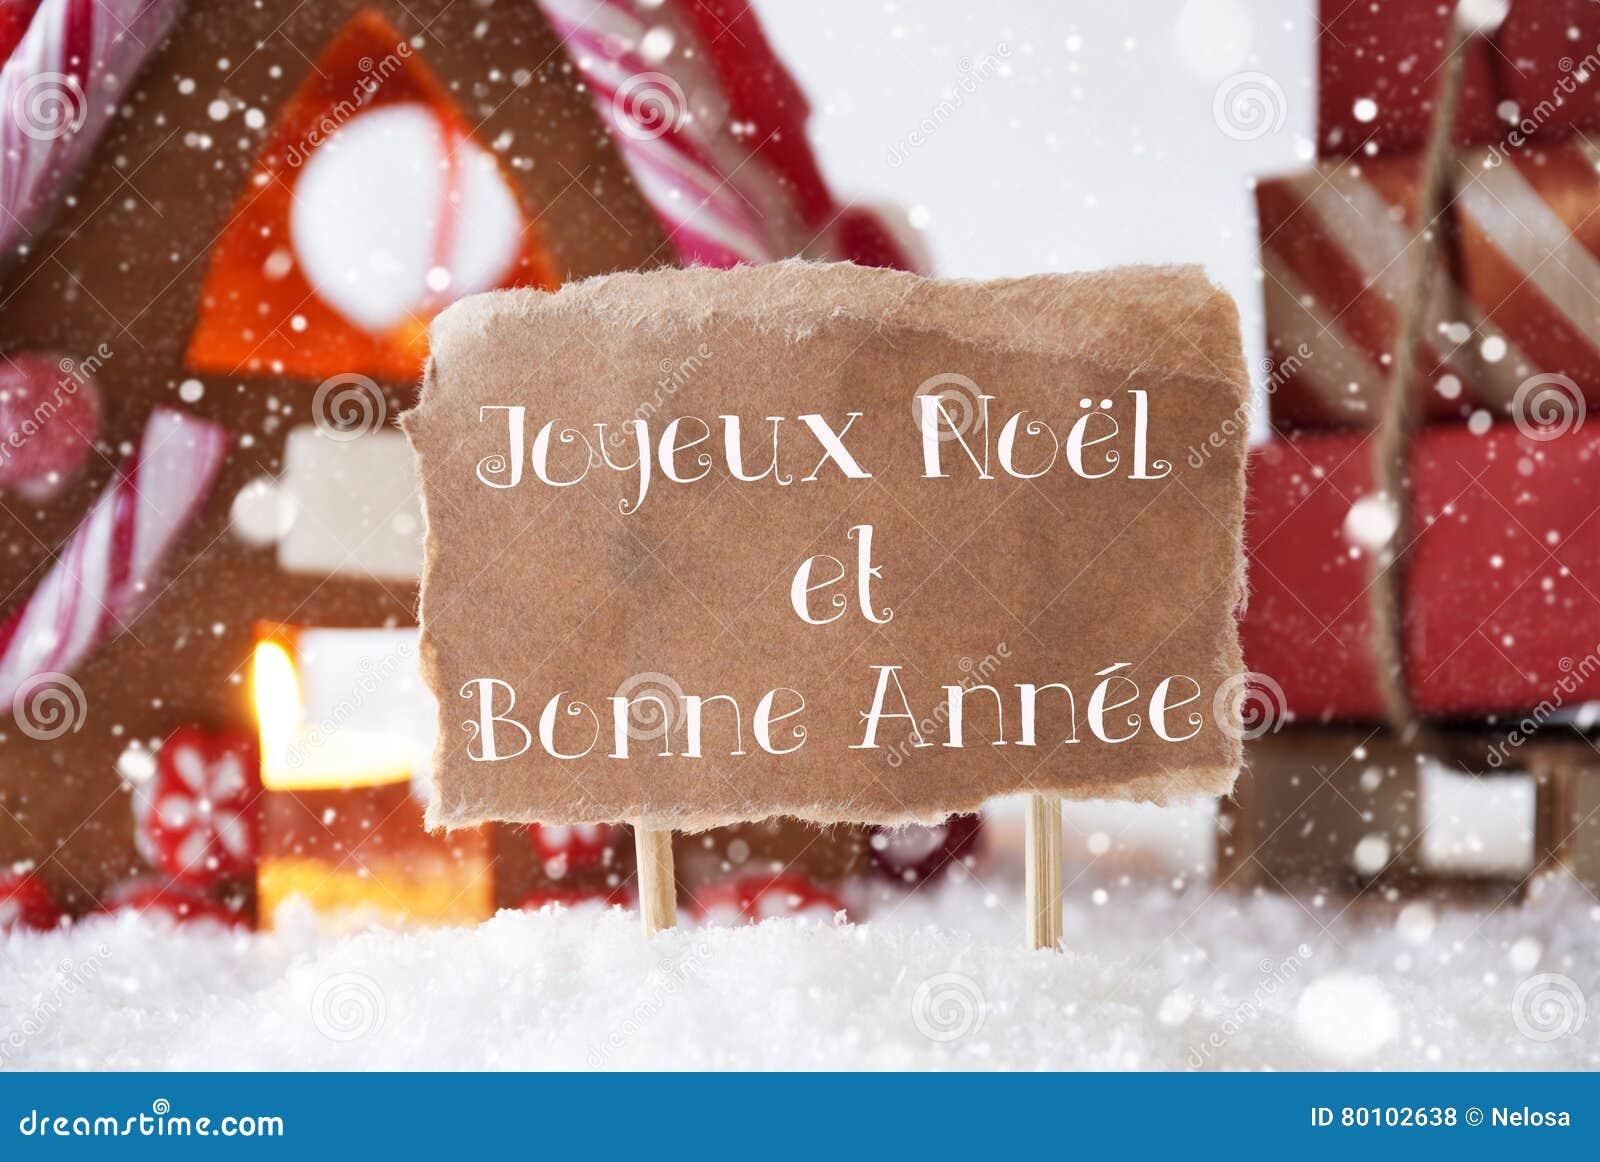 A casa de pão-de-espécie com trenó, flocos de neve, Bonne Annee significa o ano novo